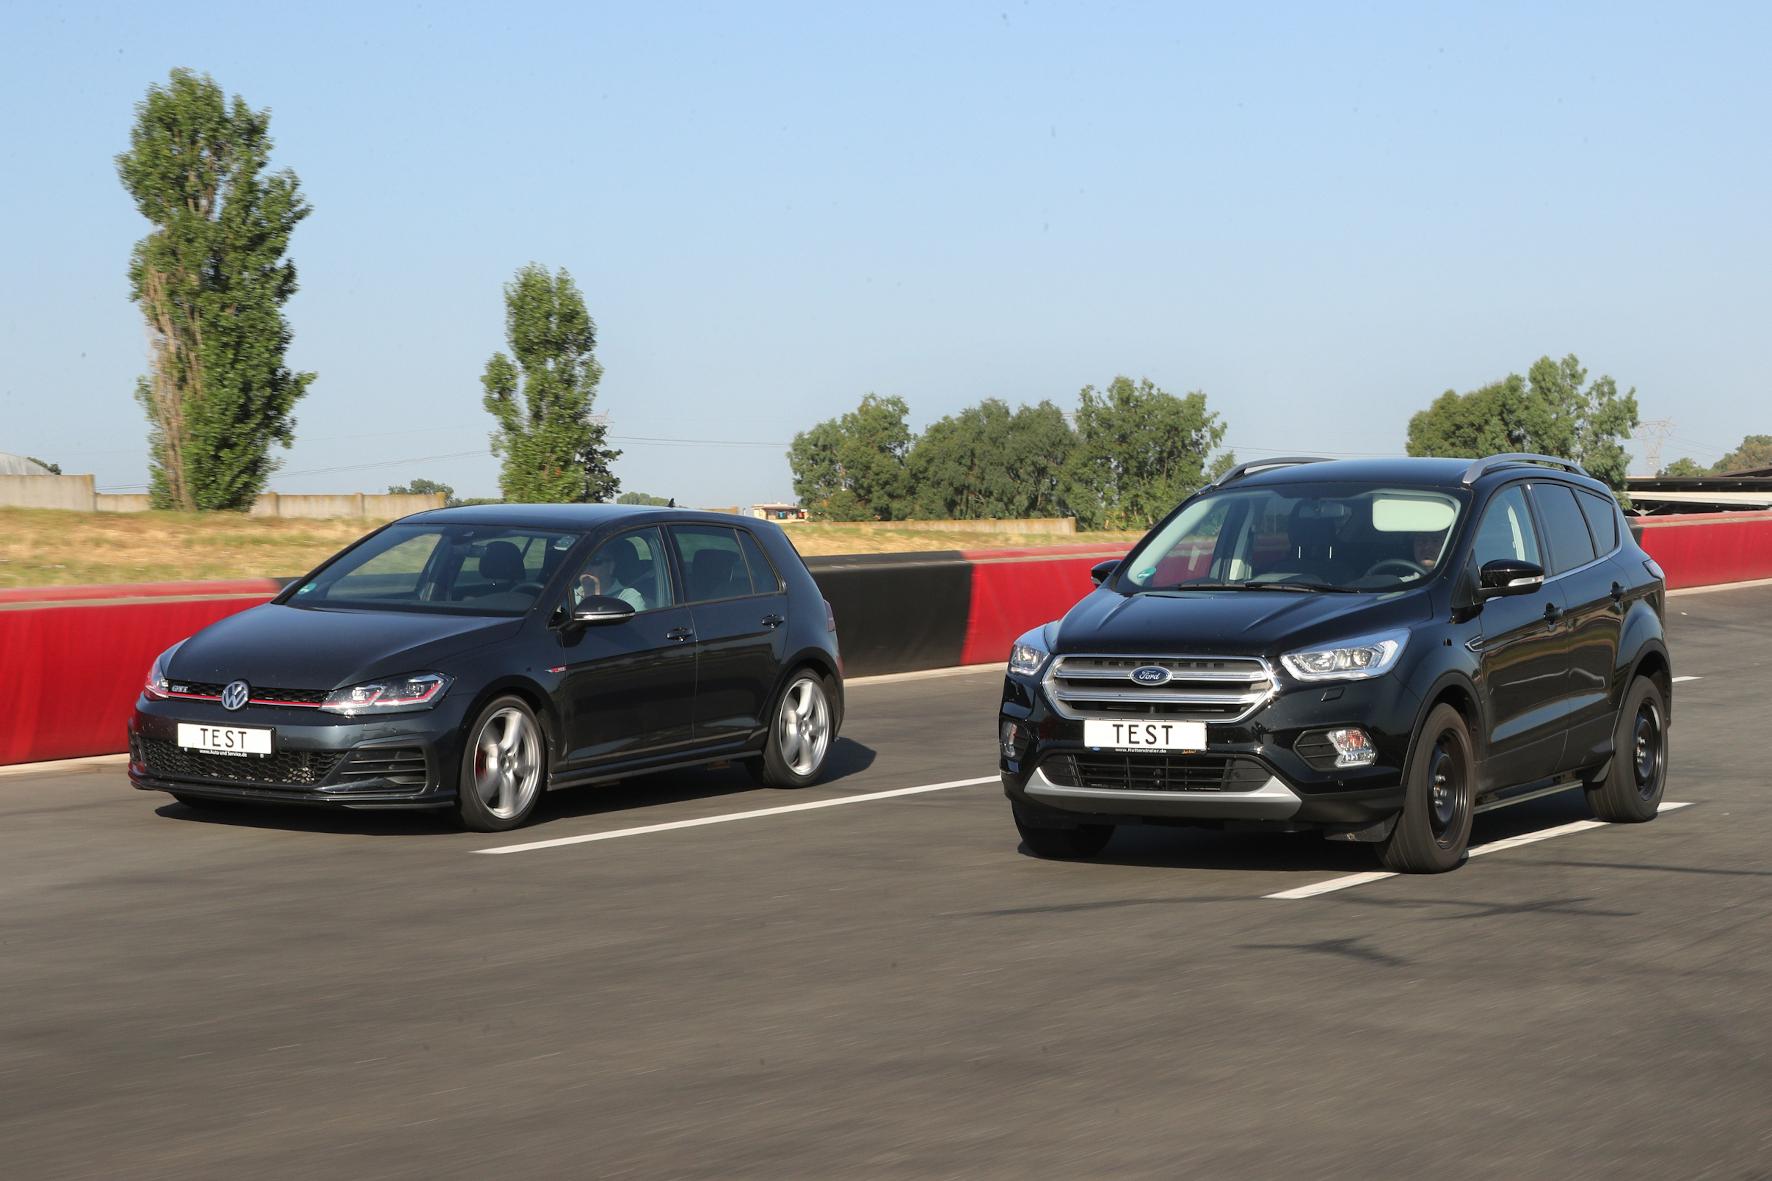 mid Groß-Gerau - Beim Sommerreifen-Test 2020 schneiden Alternativgrößen für Kompakte und SUV gut ab. ADAC